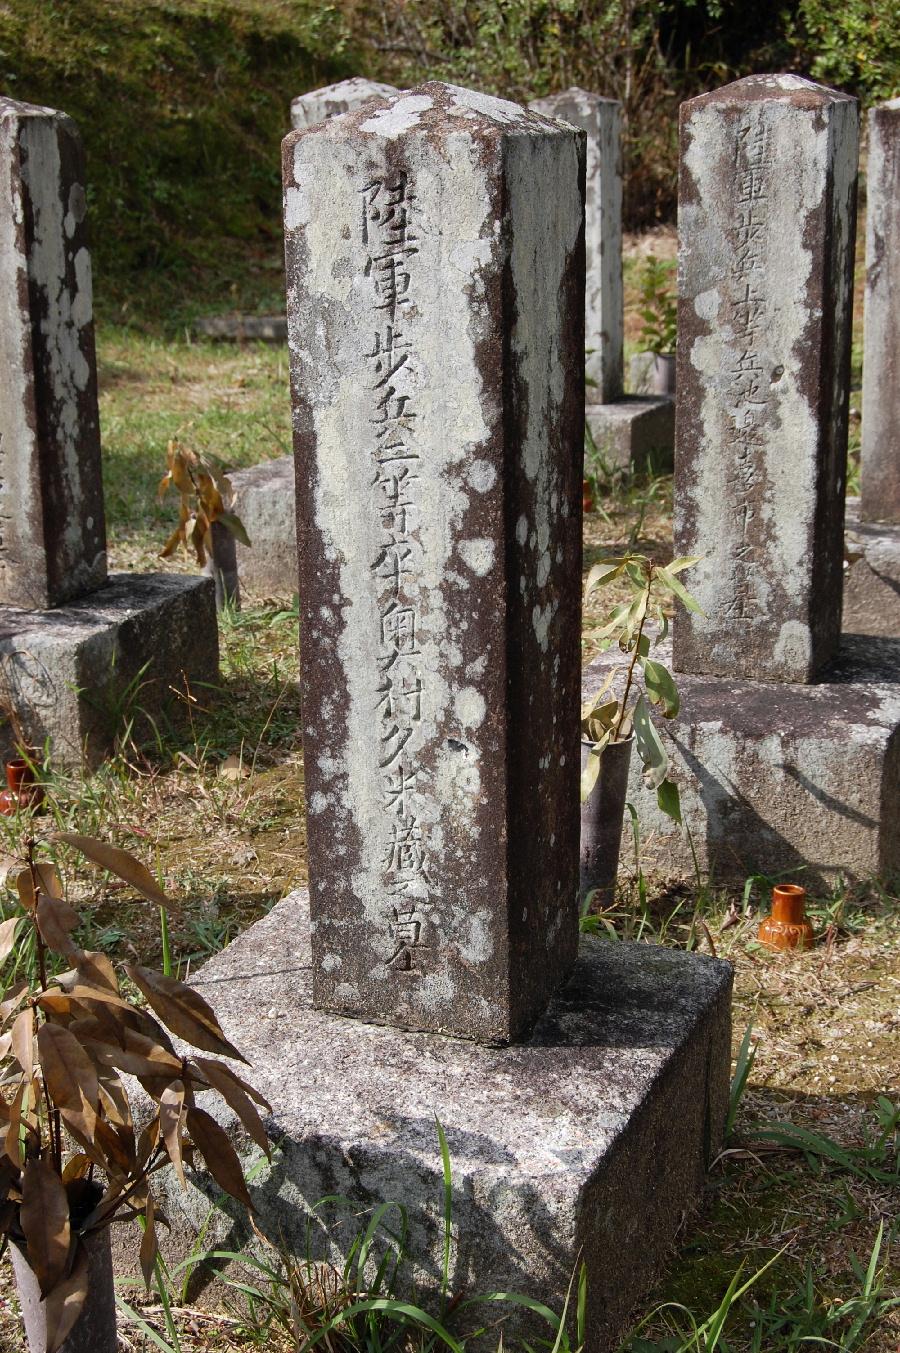 日清戦争戦病死者「陸軍歩兵二等卒 奥村久米蔵之墓」@旧大津陸軍墓地